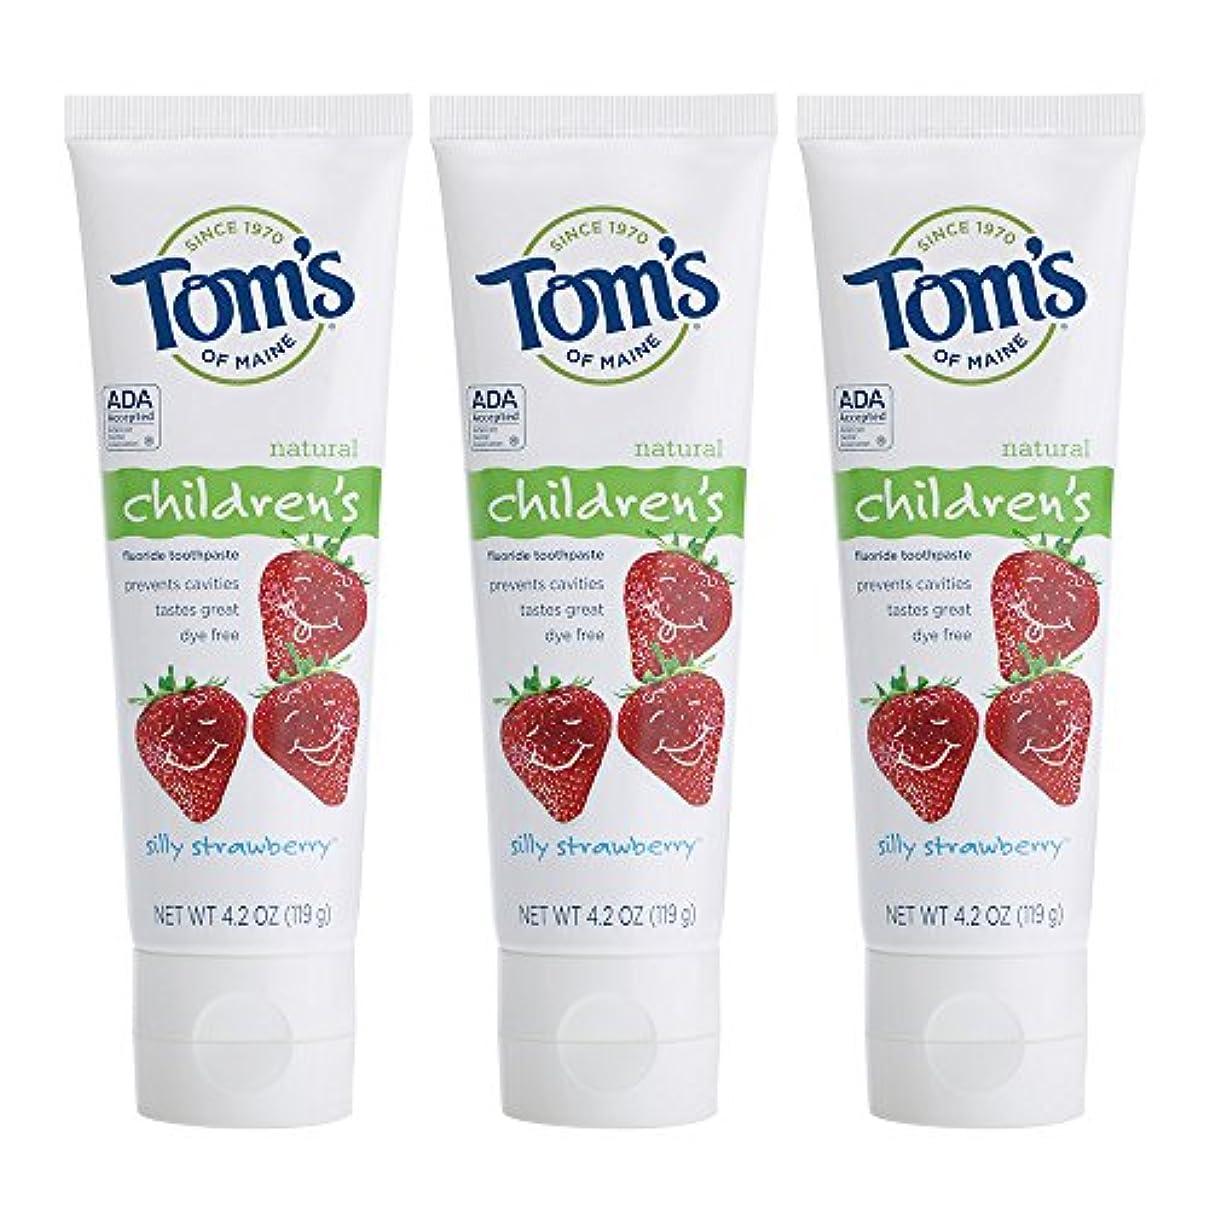 パフバーマドどんなときもTom's of Maine, Natural Children's Fluoride Toothpaste, Silly Strawberry, 4.2 oz (119 g)